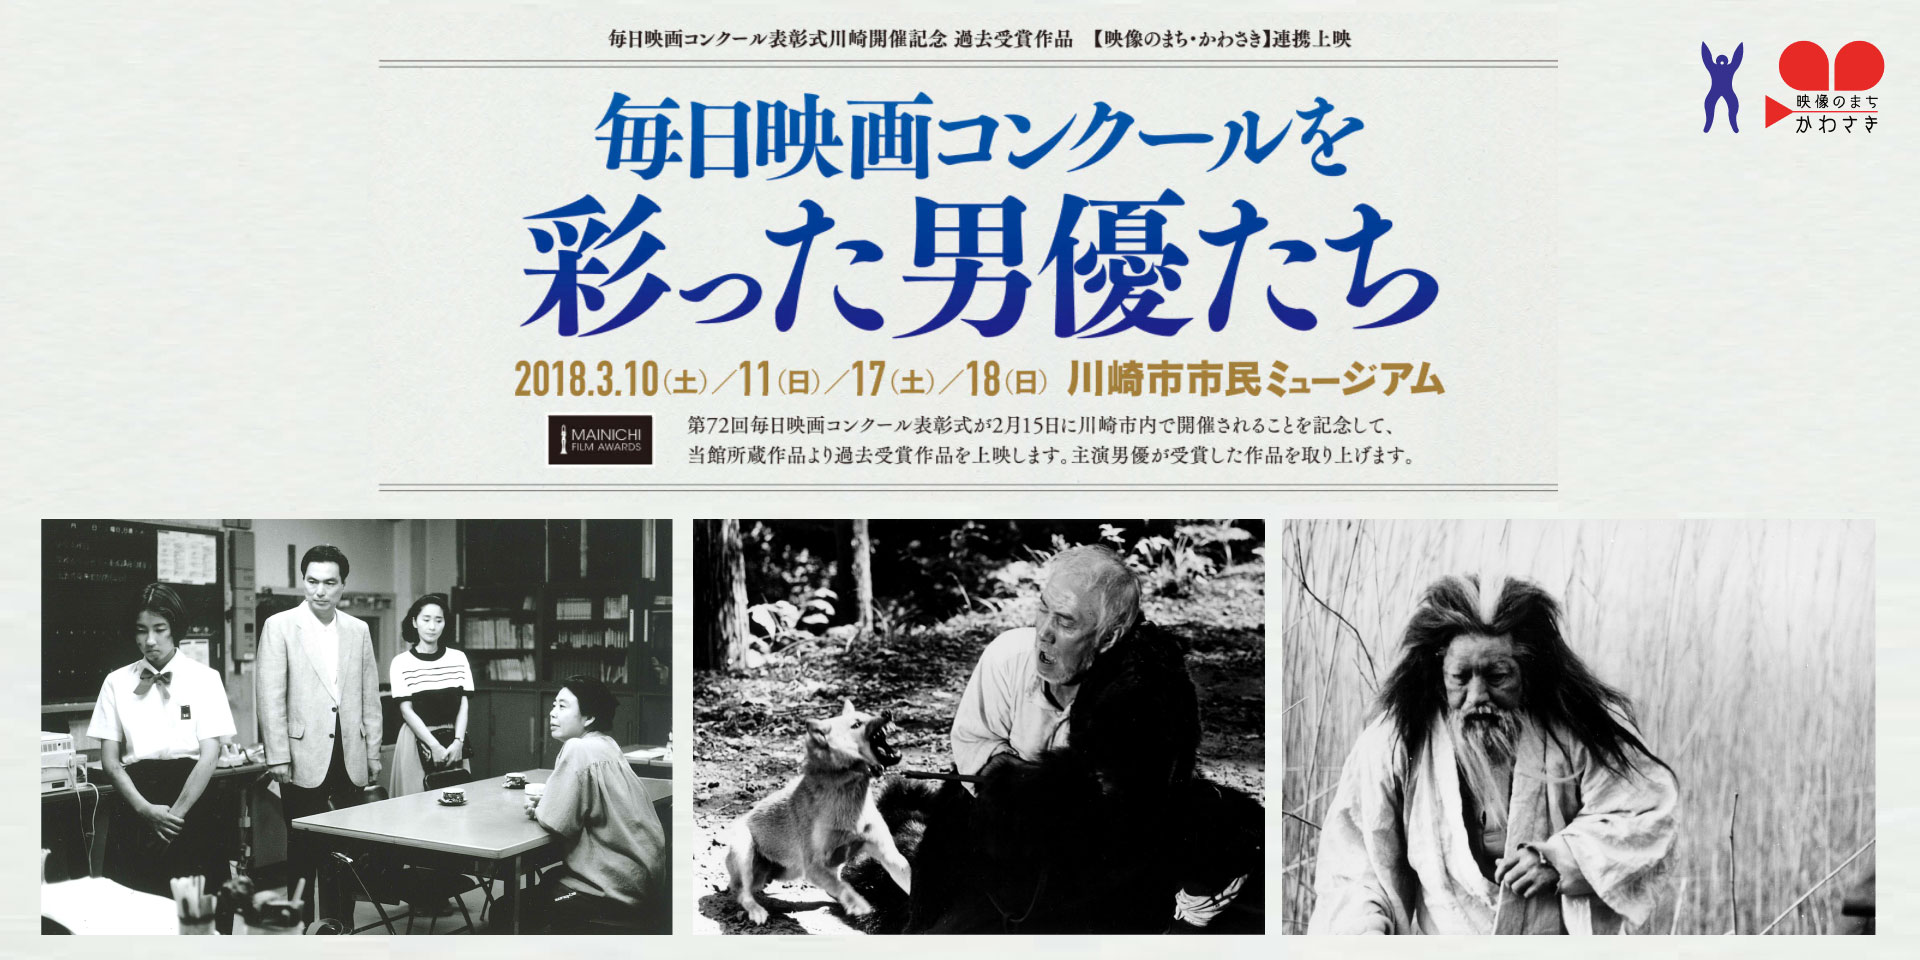 毎日映画コンクールを彩った男優たち ~毎日映画コンクール表彰式川崎開催記念 過去受賞作品~